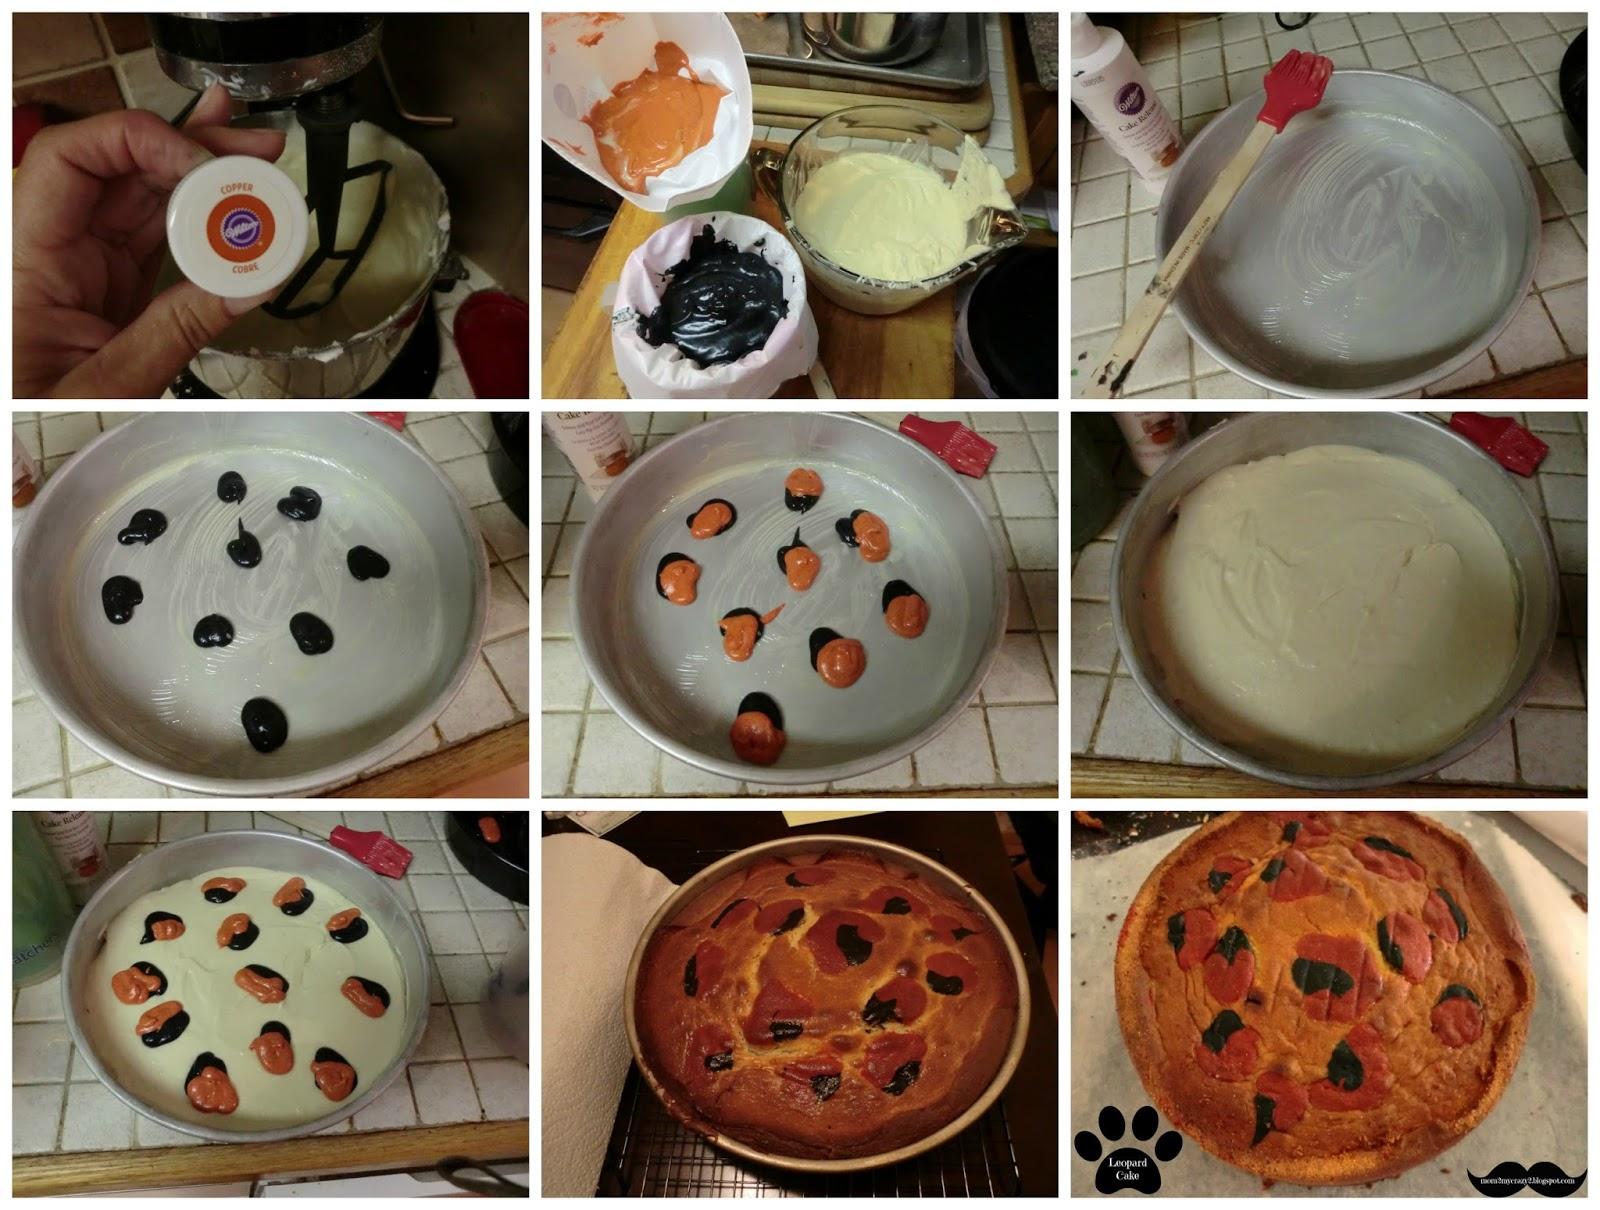 Leopard Print Inside Cake Recipe